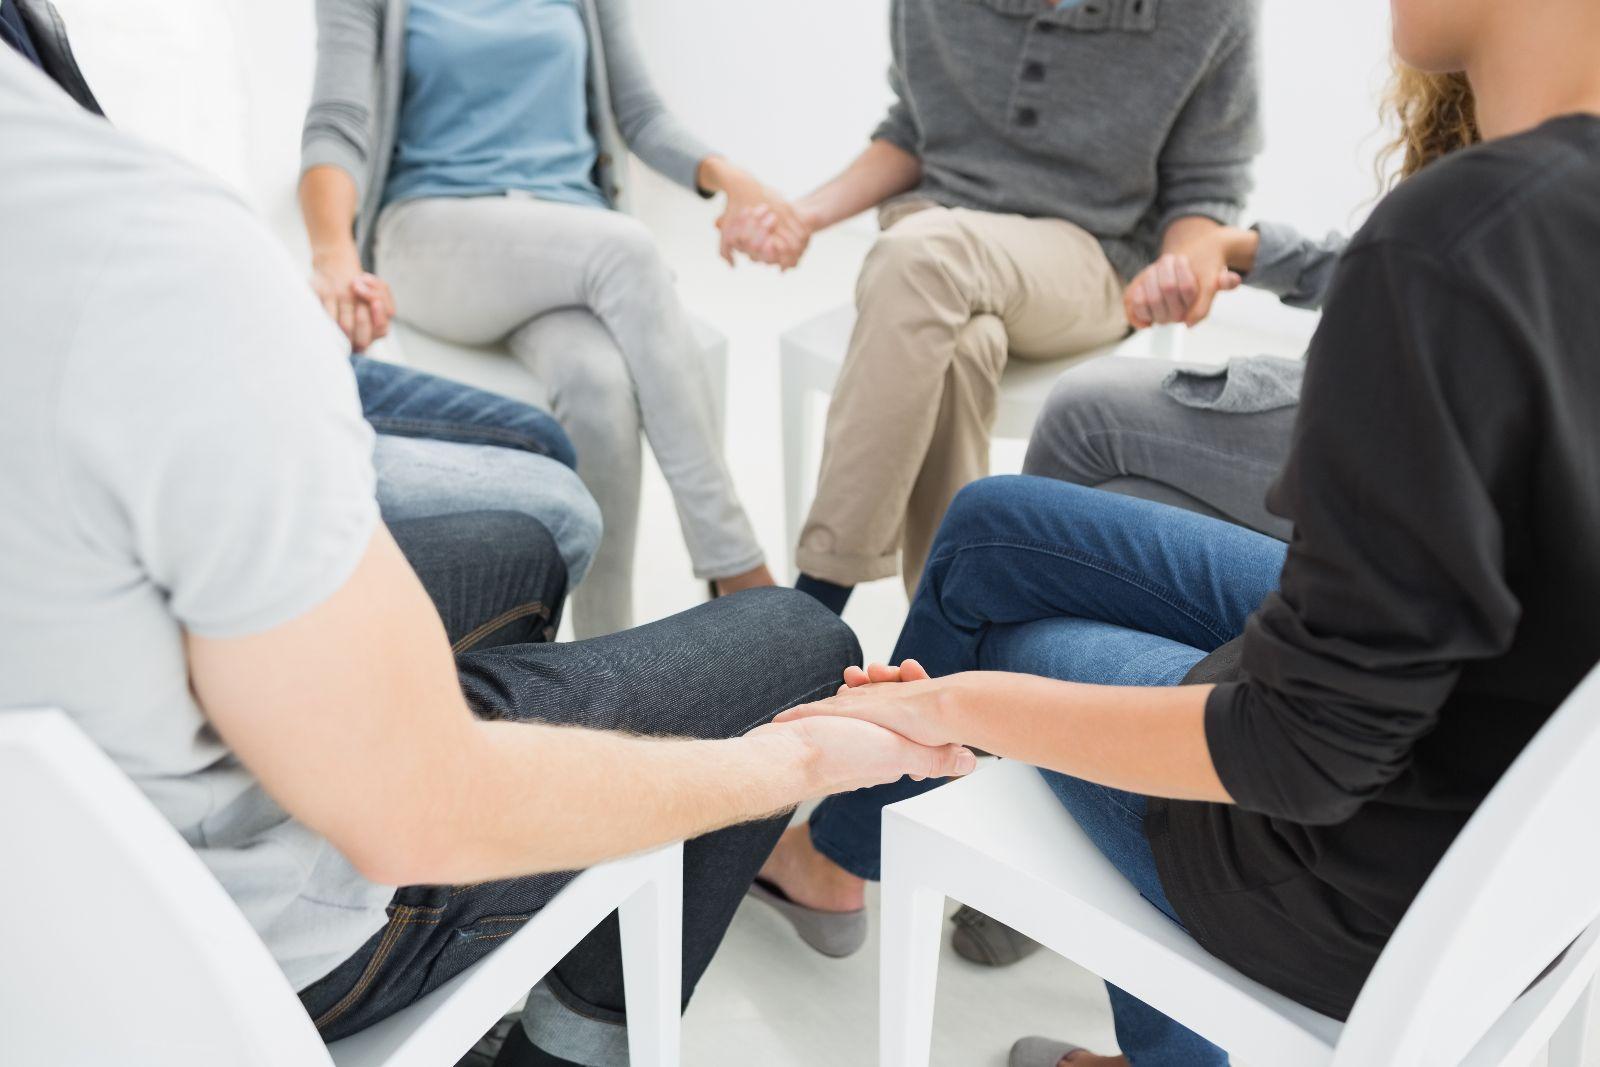 Grupo de personas tomandose de las manos